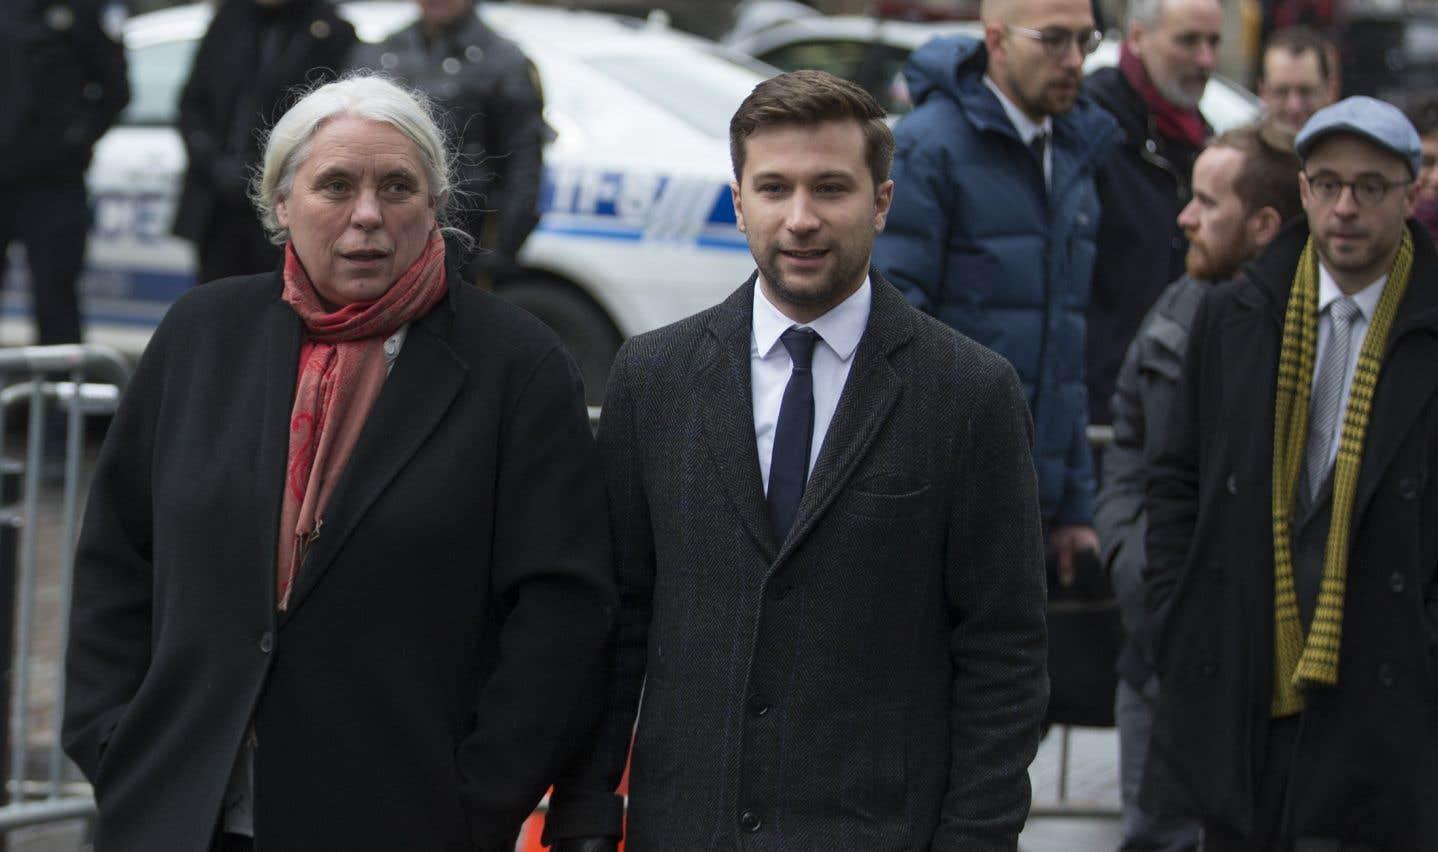 La cérémonie a réuni des politiciens de tous les horizons; les co-porte-parole de Québec solidaire, Manon Massé et Gabriel Nadeau-Dubois, étaient de la partie.